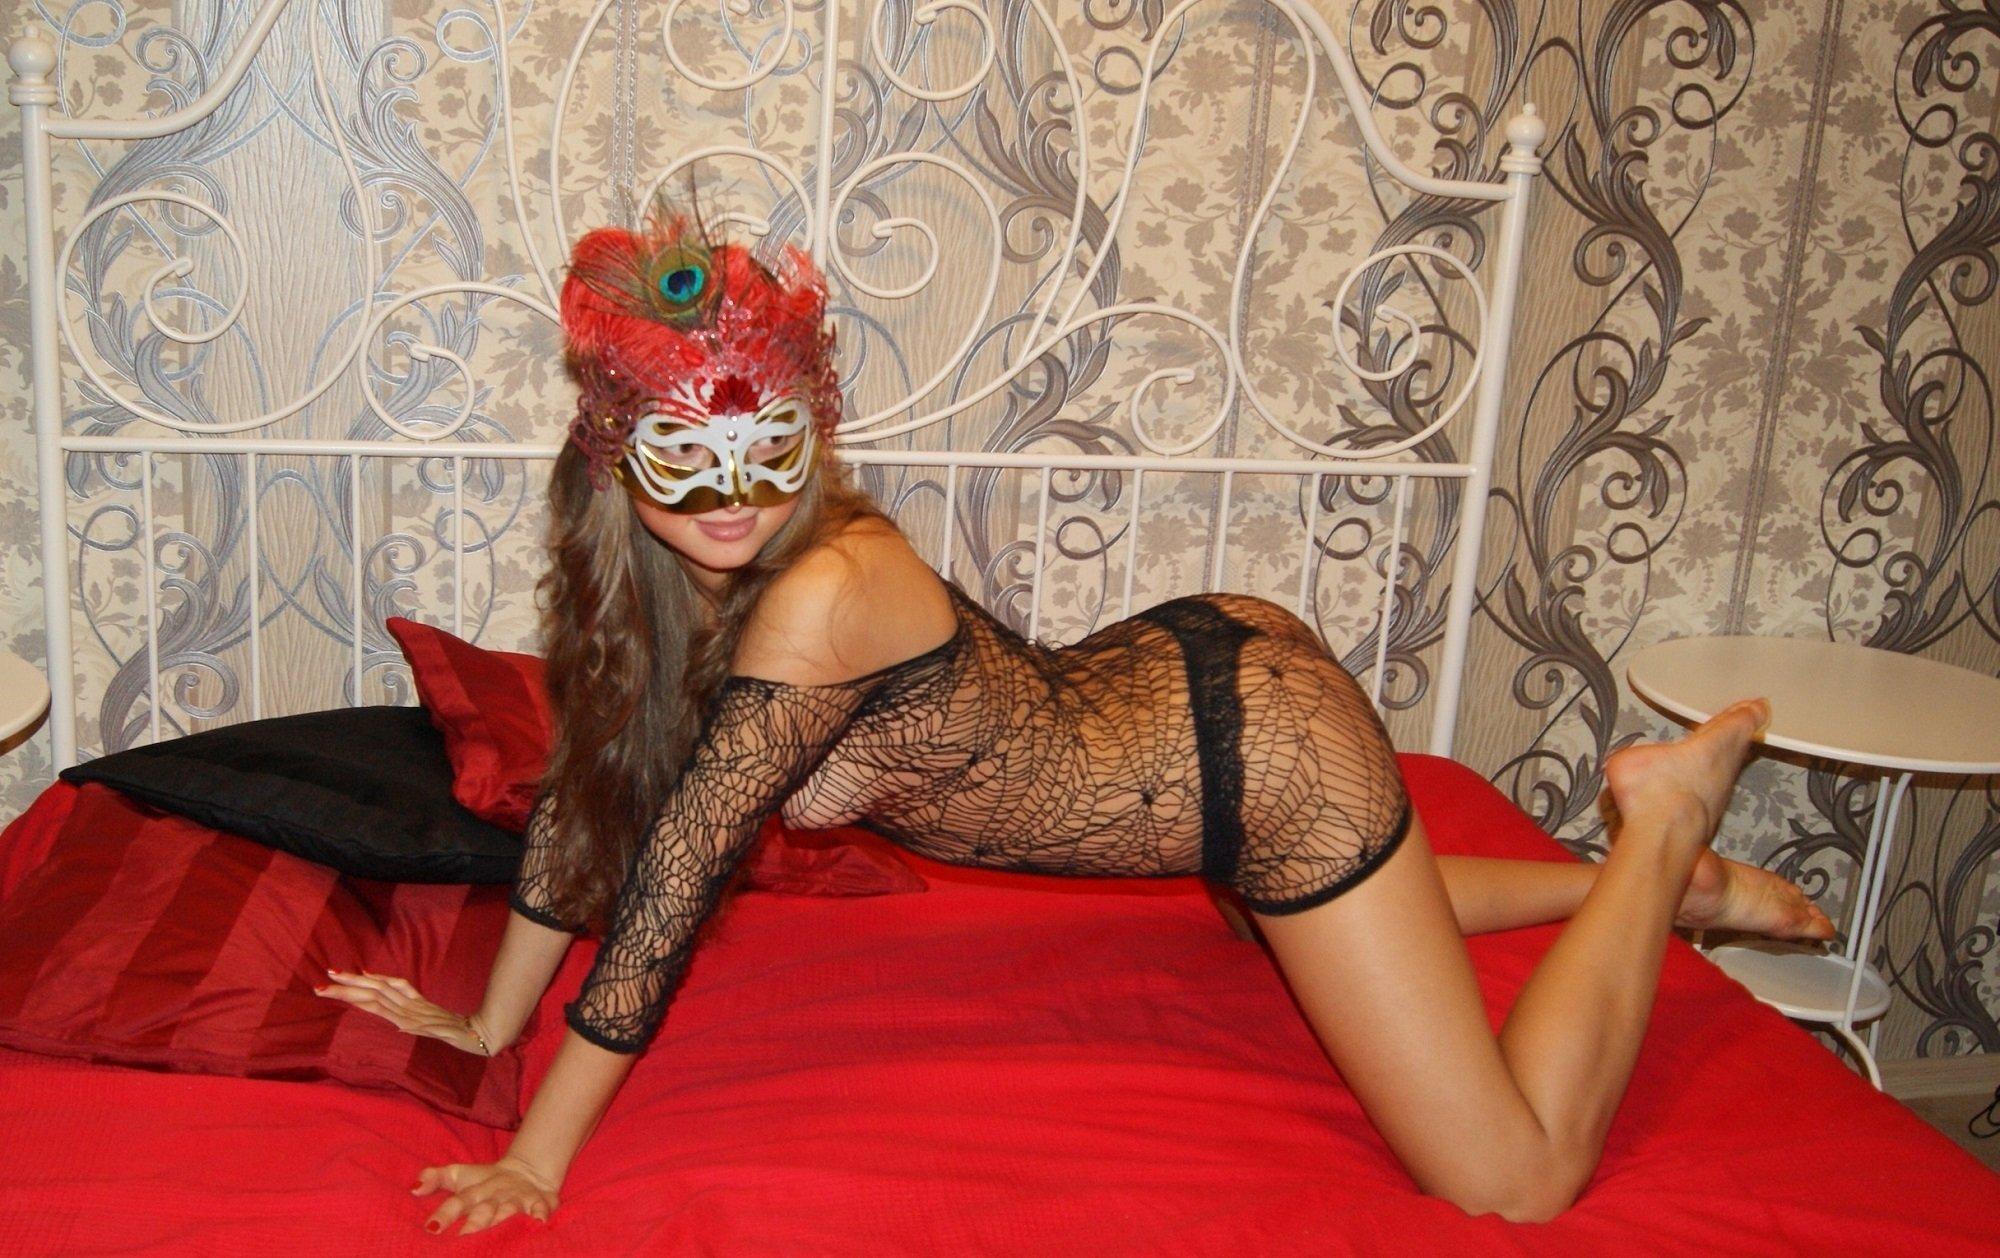 Список проституток москвы